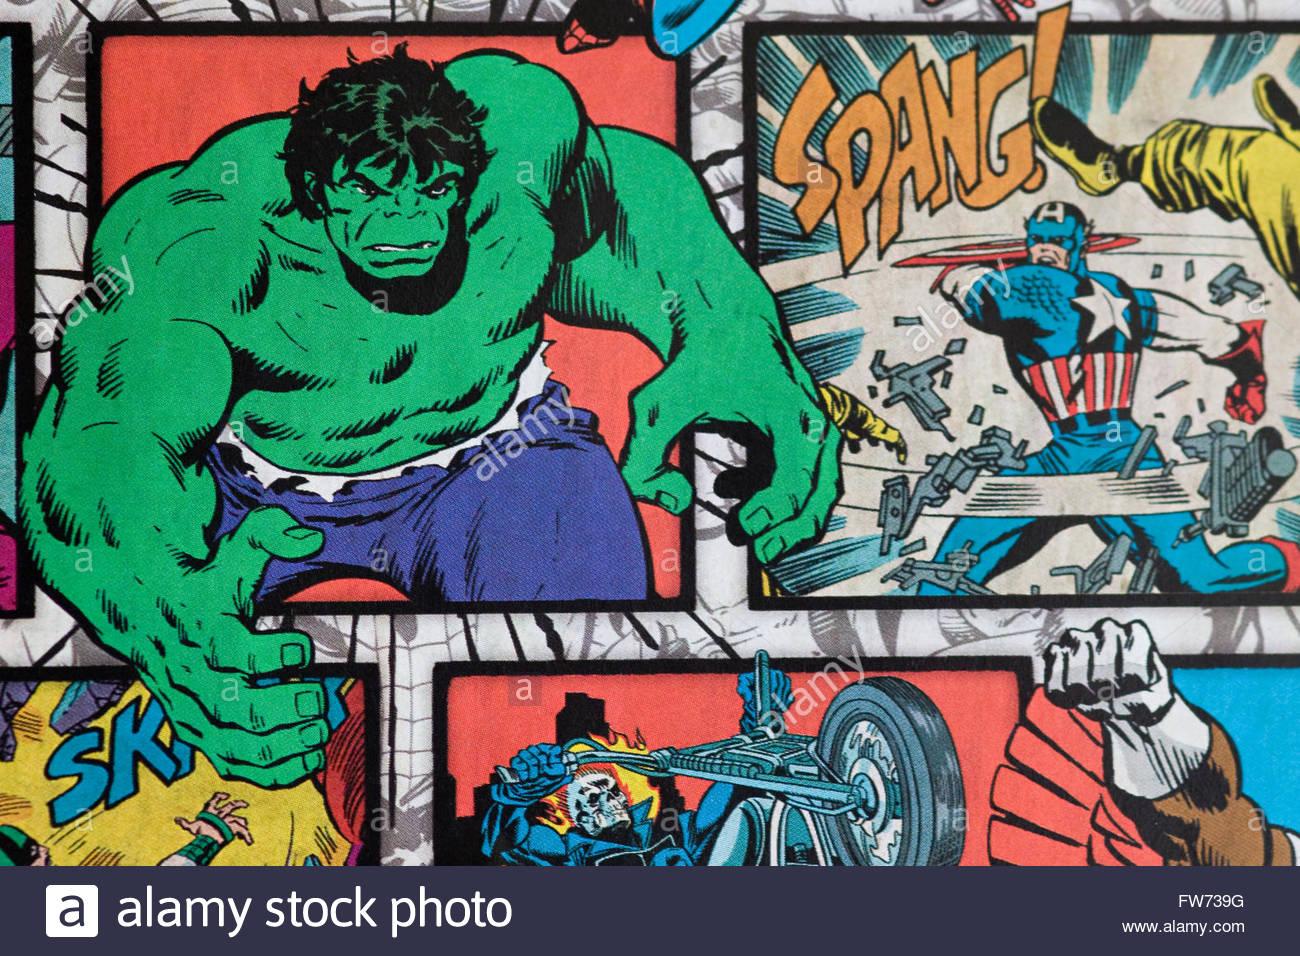 Hulk Comic Stock Photos Hulk Comic Stock Images   Alamy 1300x956